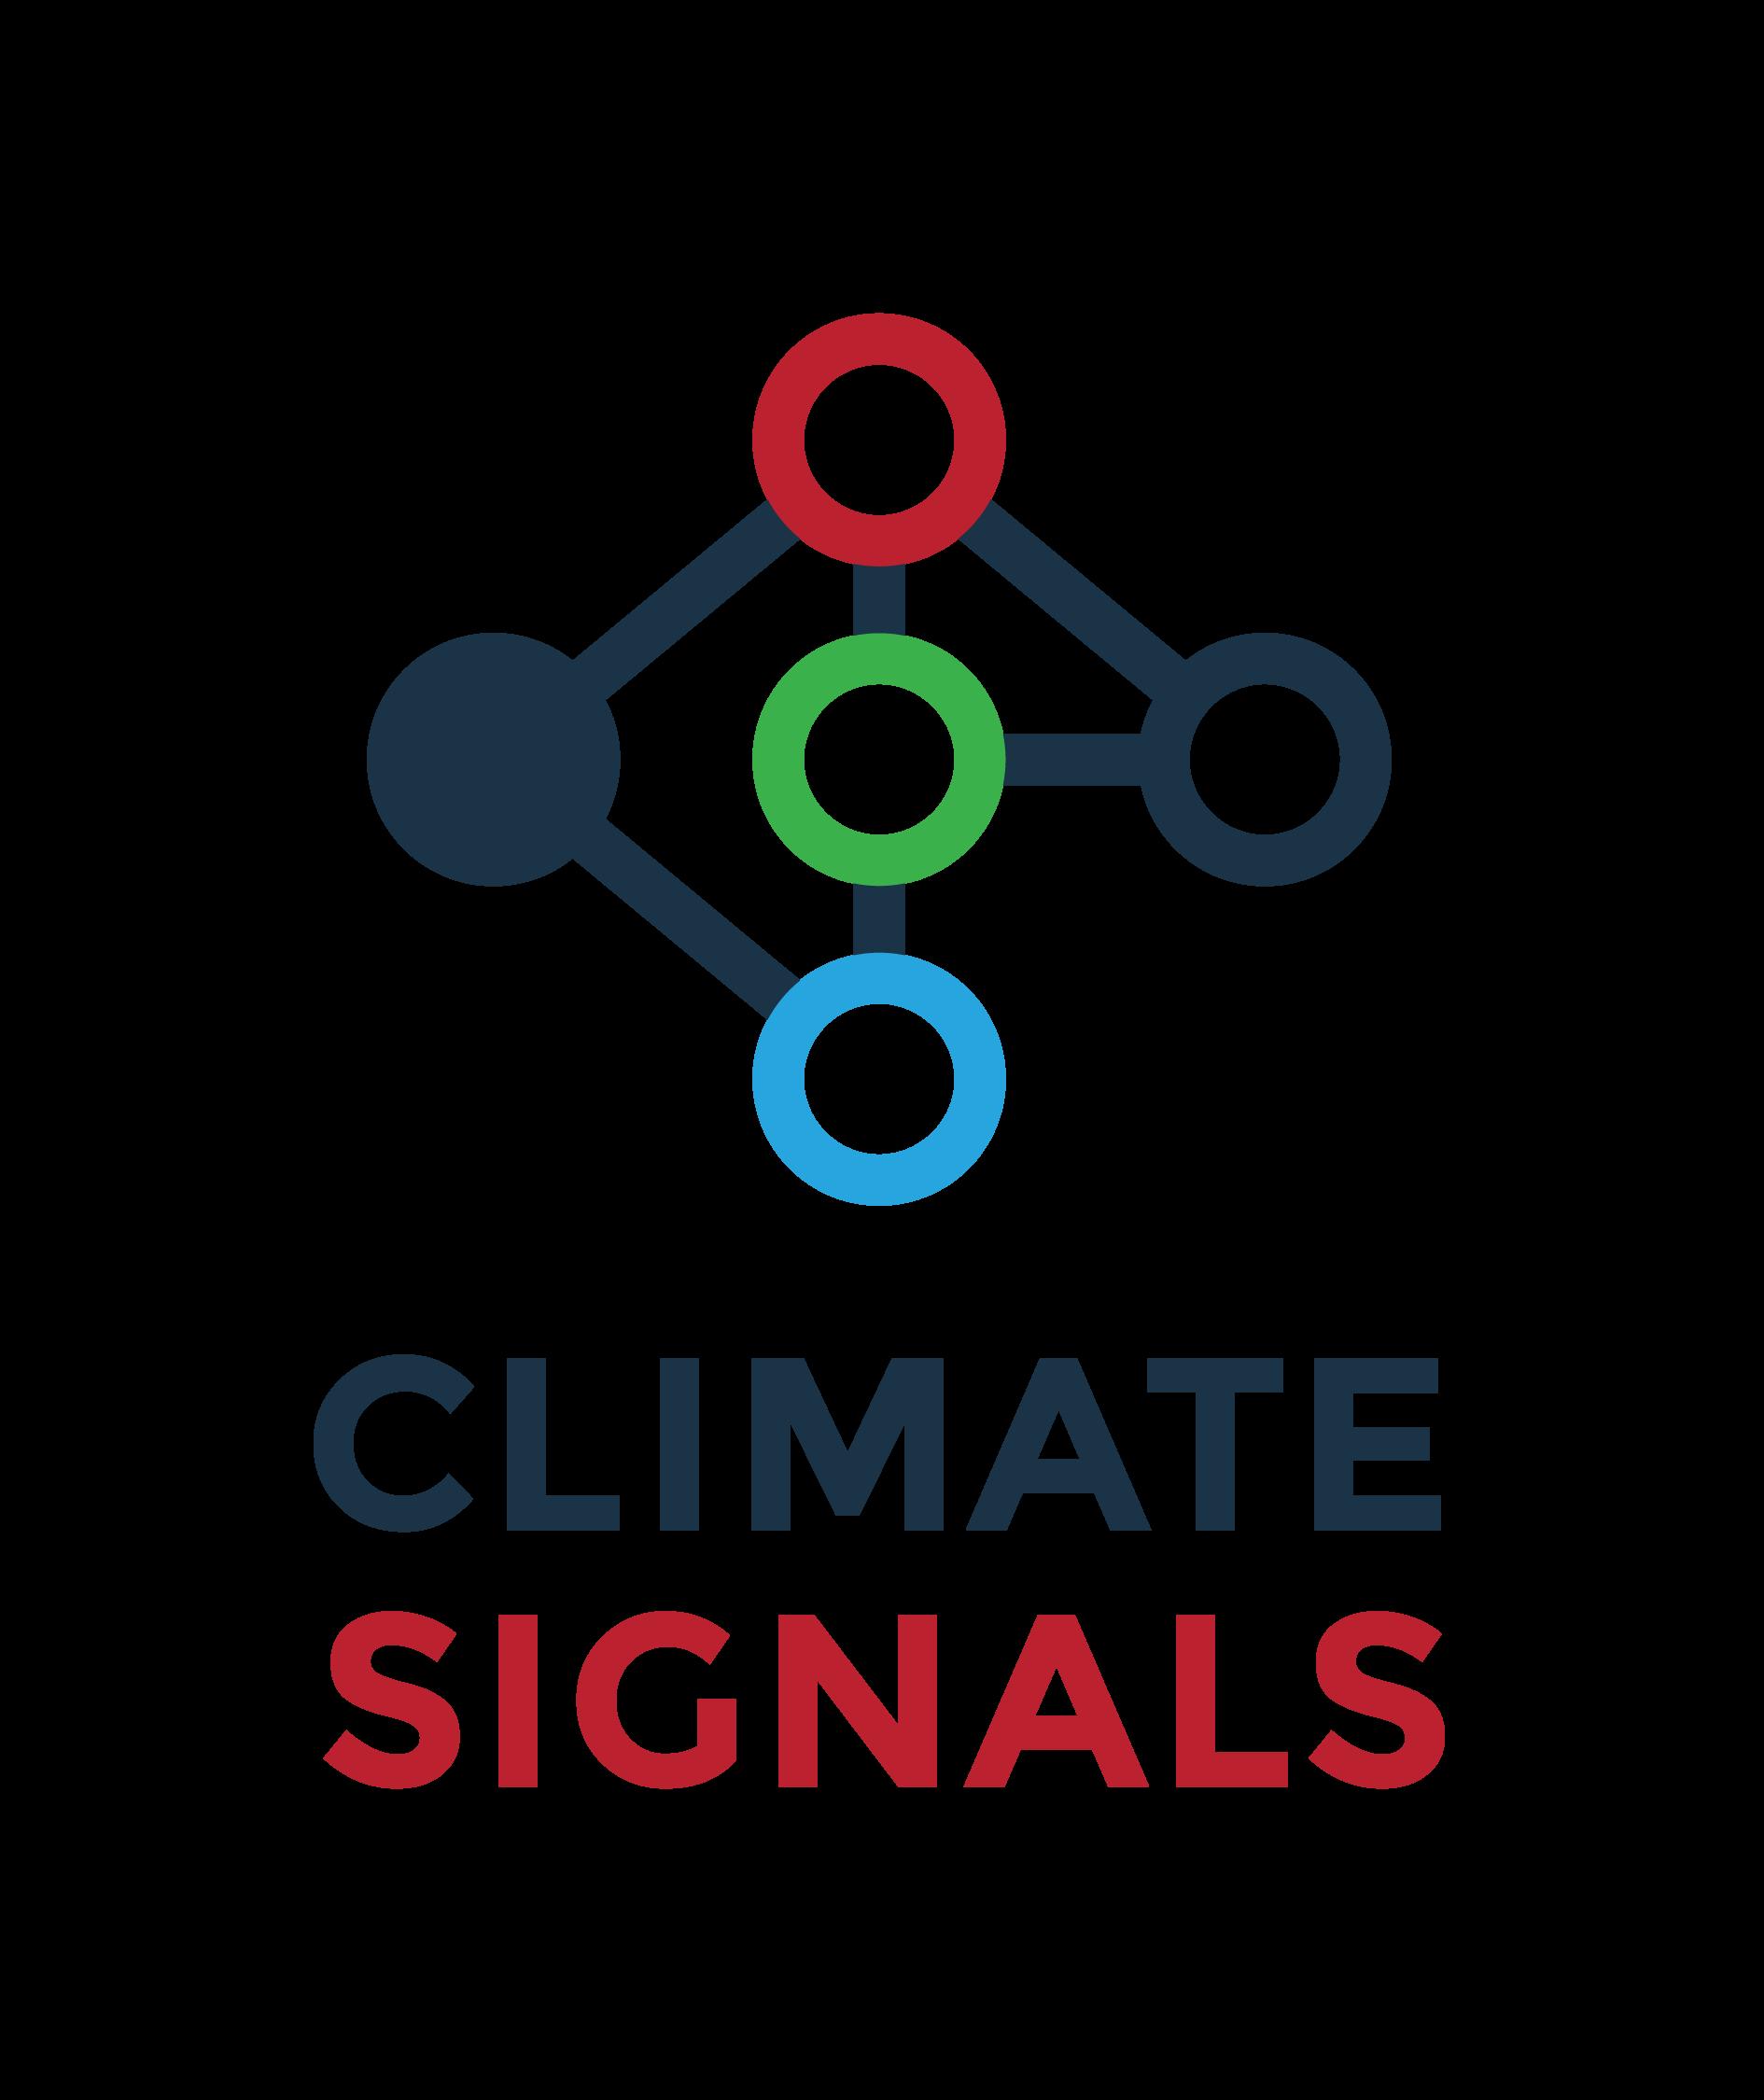 climatesignals-vert-1